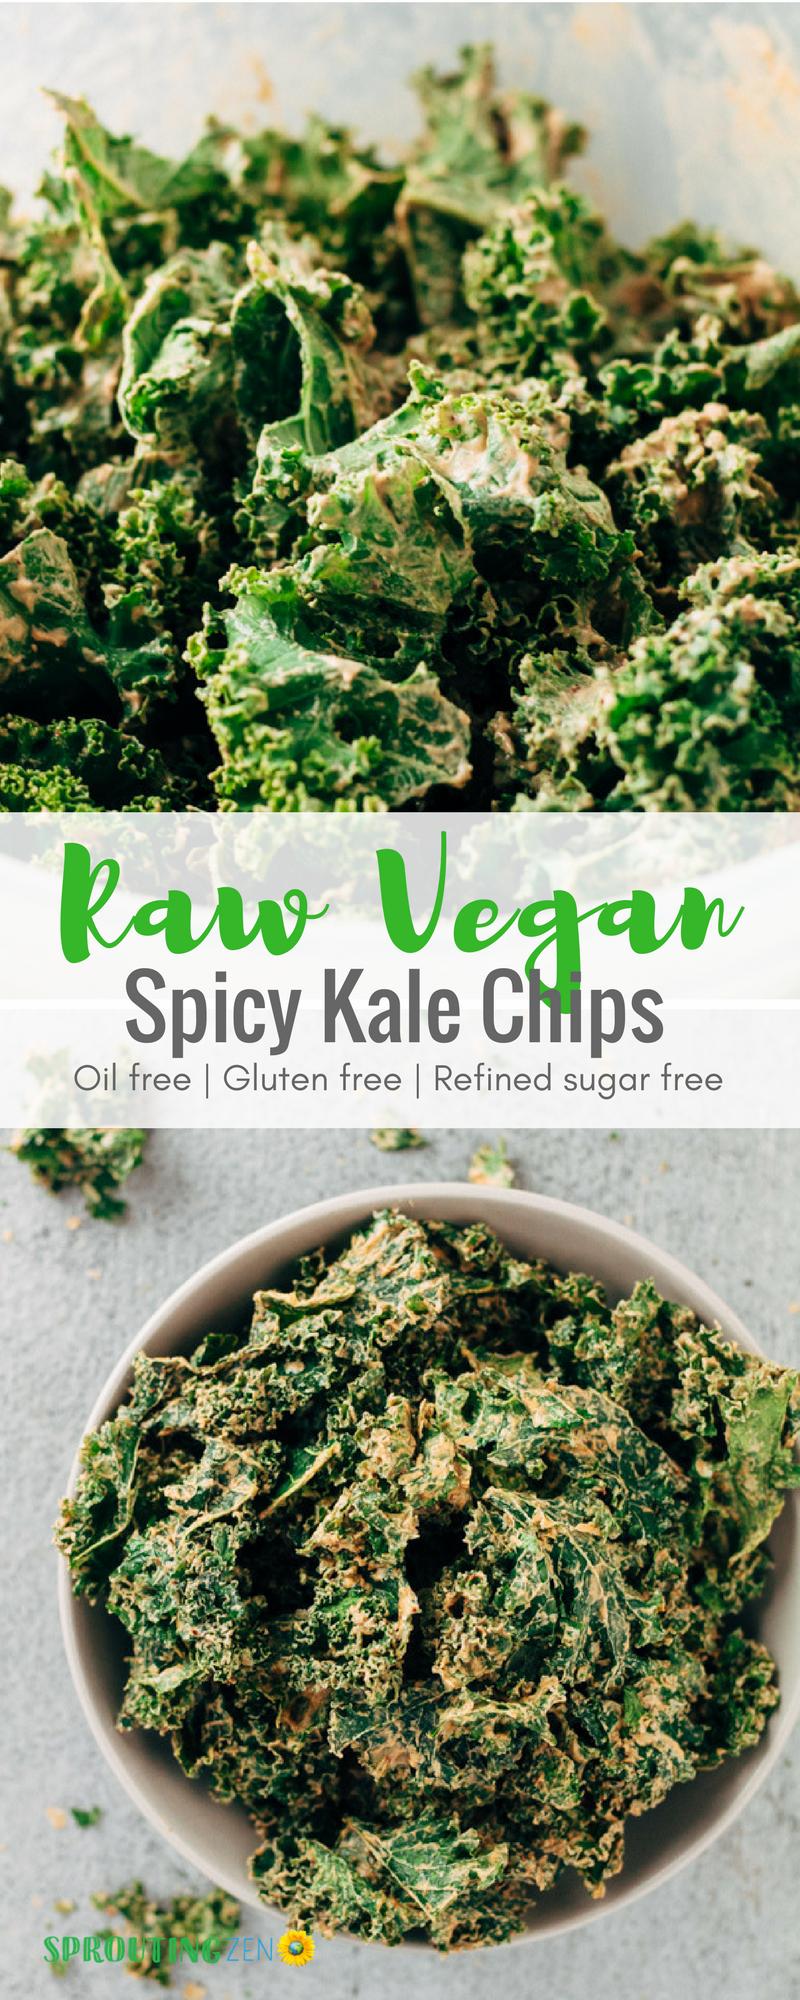 Dehydrated Raw Vegan Spicy Kale Chips #vegan #plantbased #veganfood #kalechips